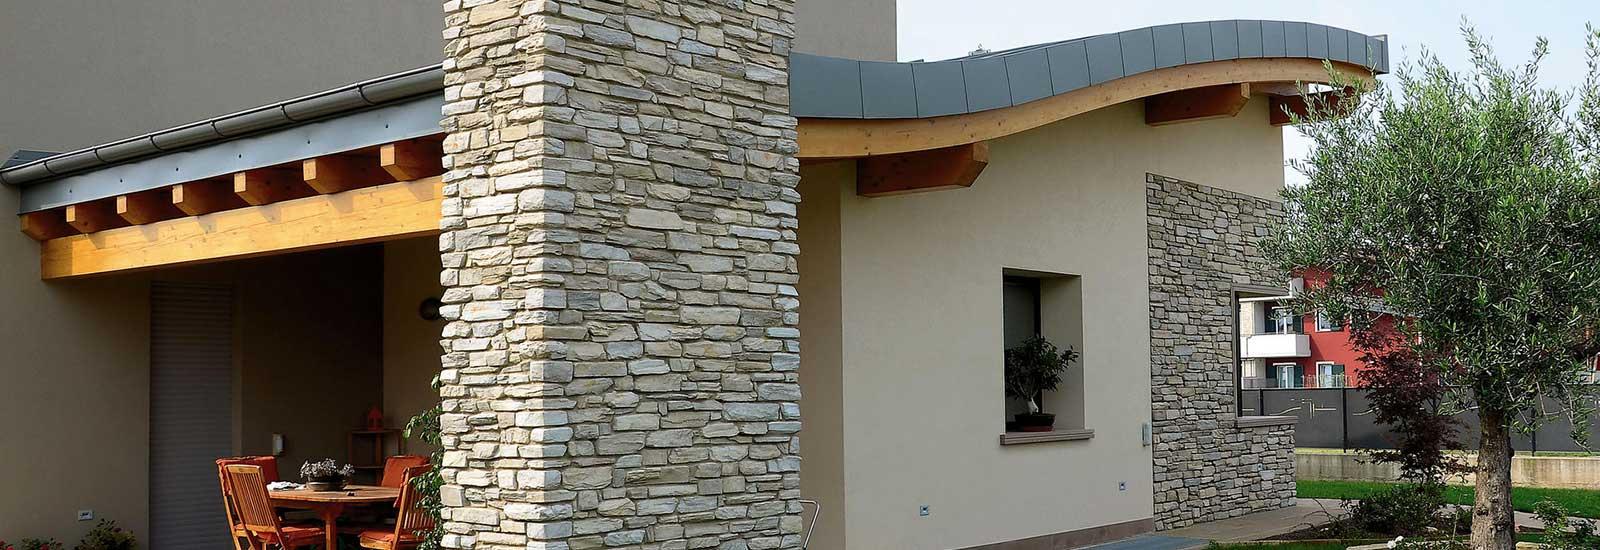 Pietre e mattoni ricostruiti